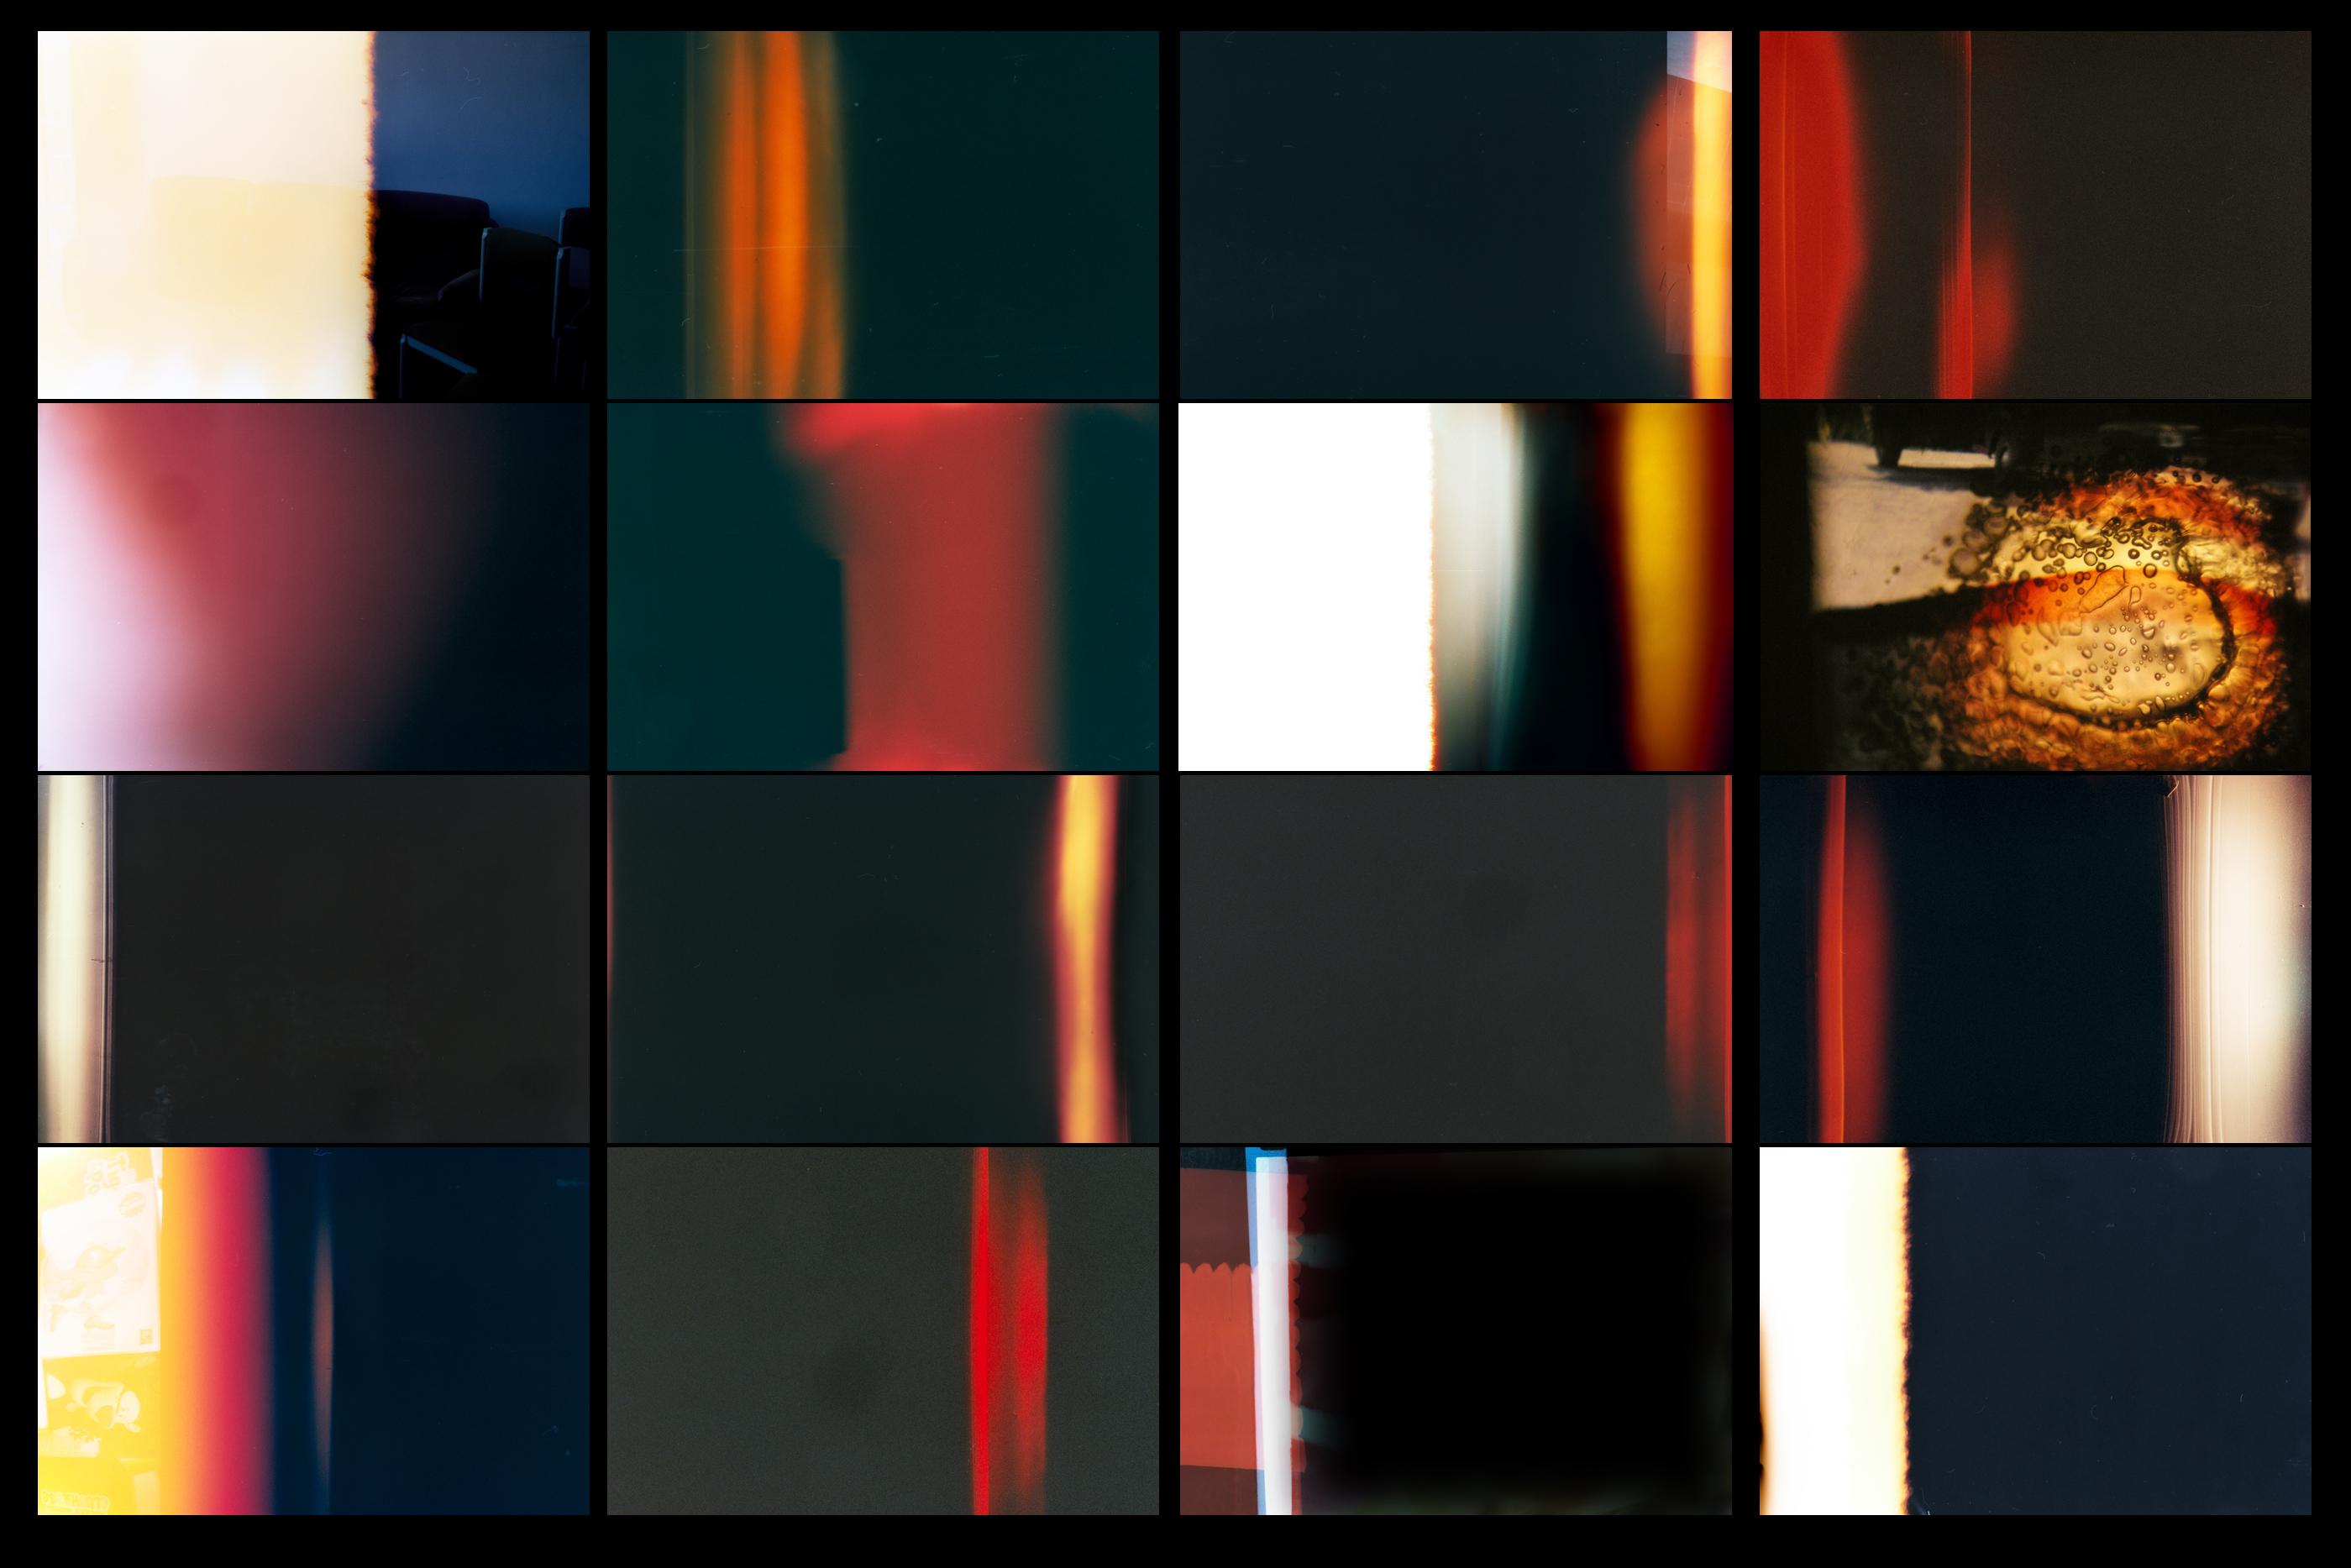 Film Burn Effect Film Burns by